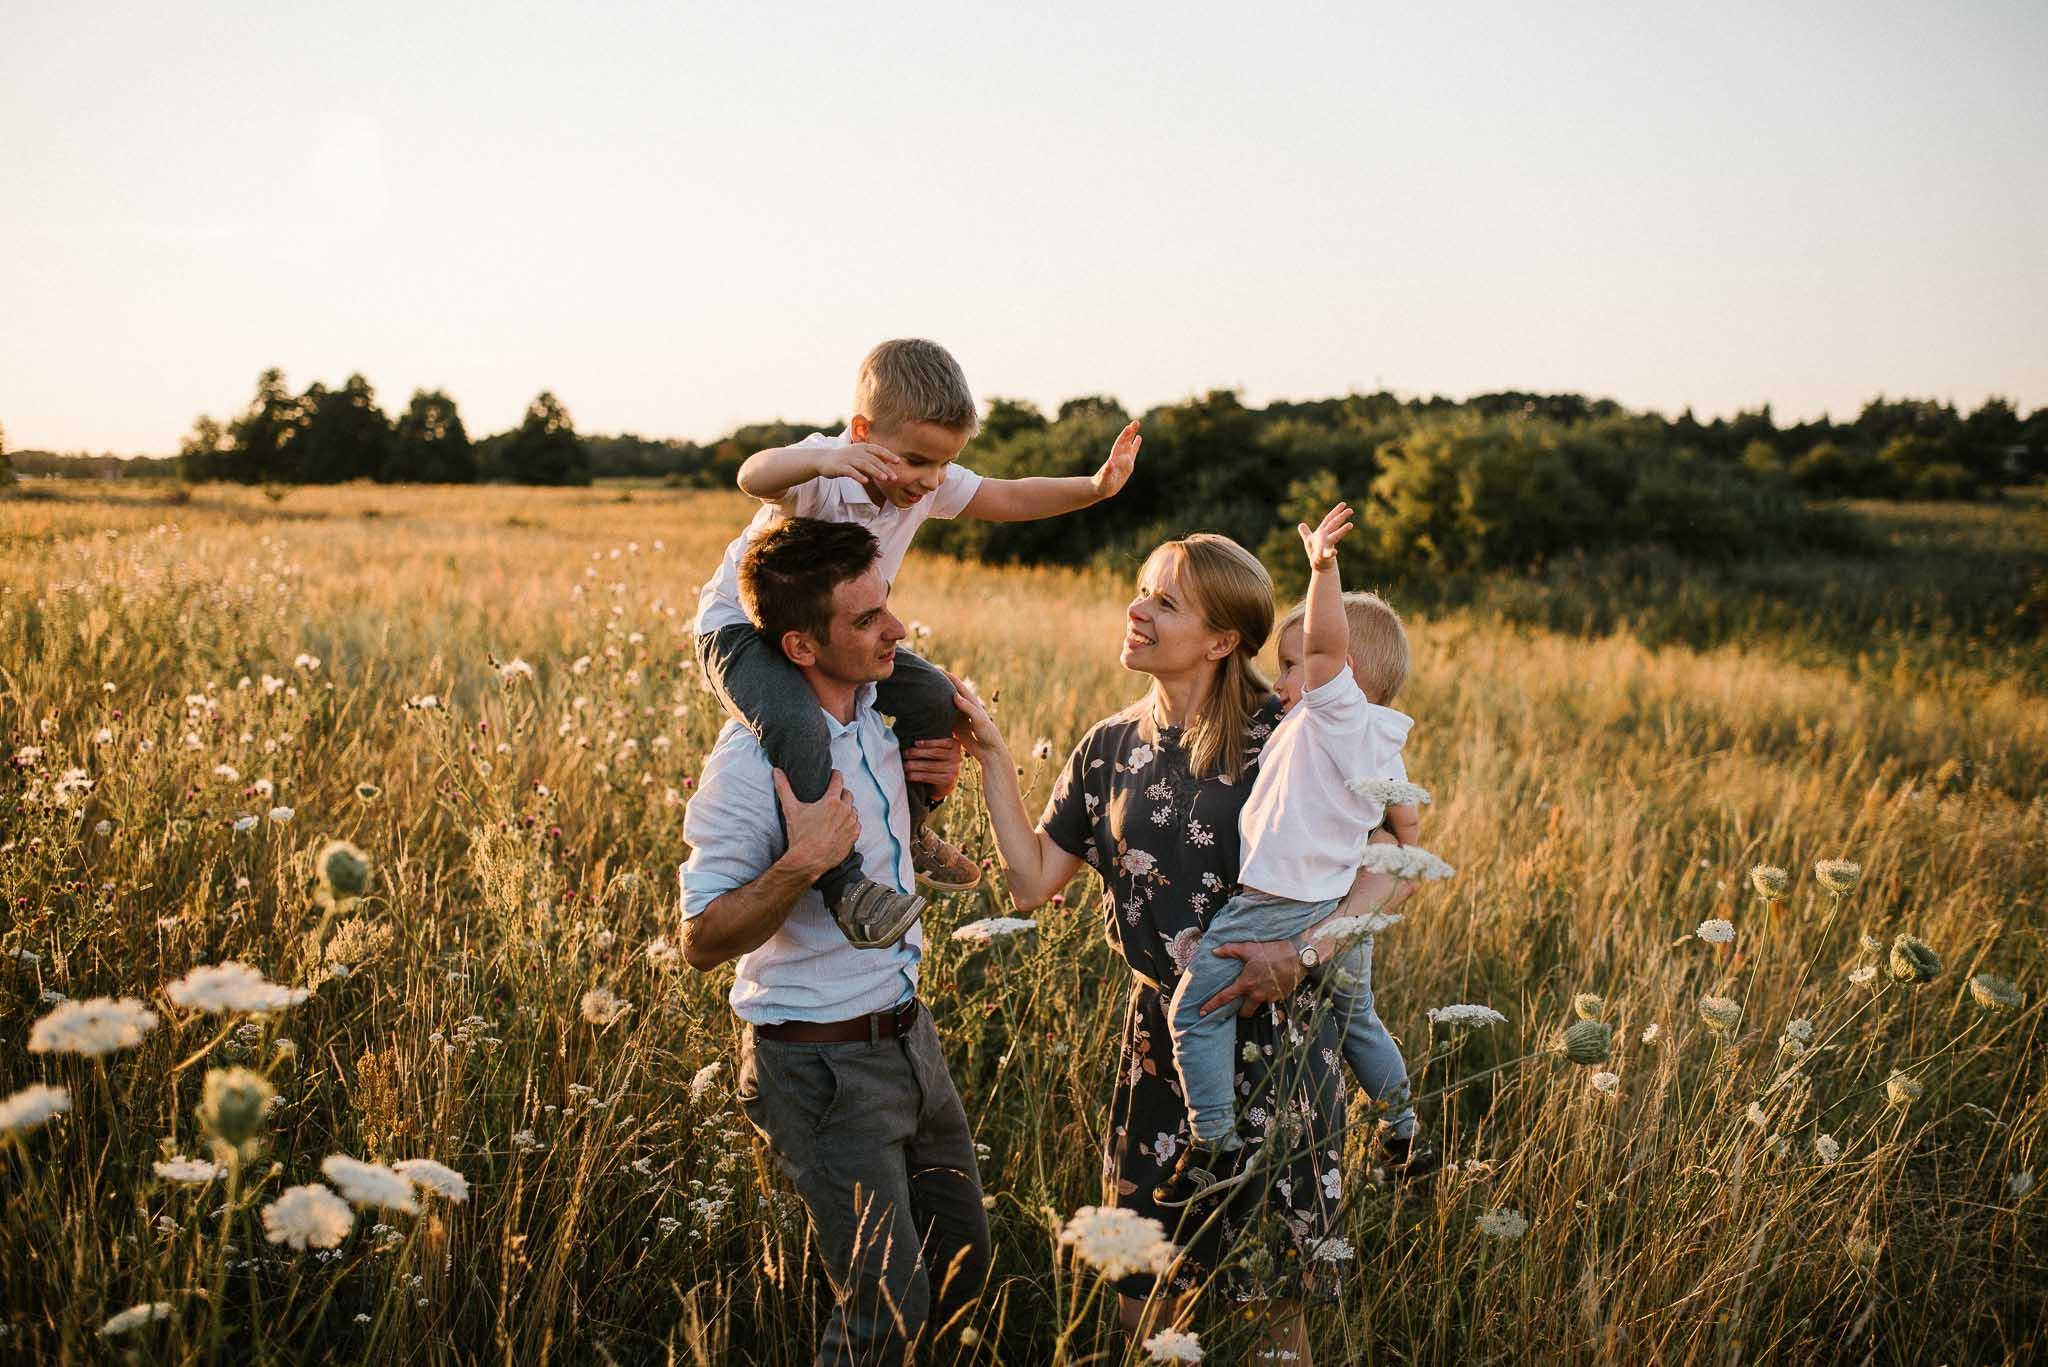 Bracia na barana u rodziców przybijają sobie piątkę - sesja rodzinna w plenerze na łące w Poznaniu